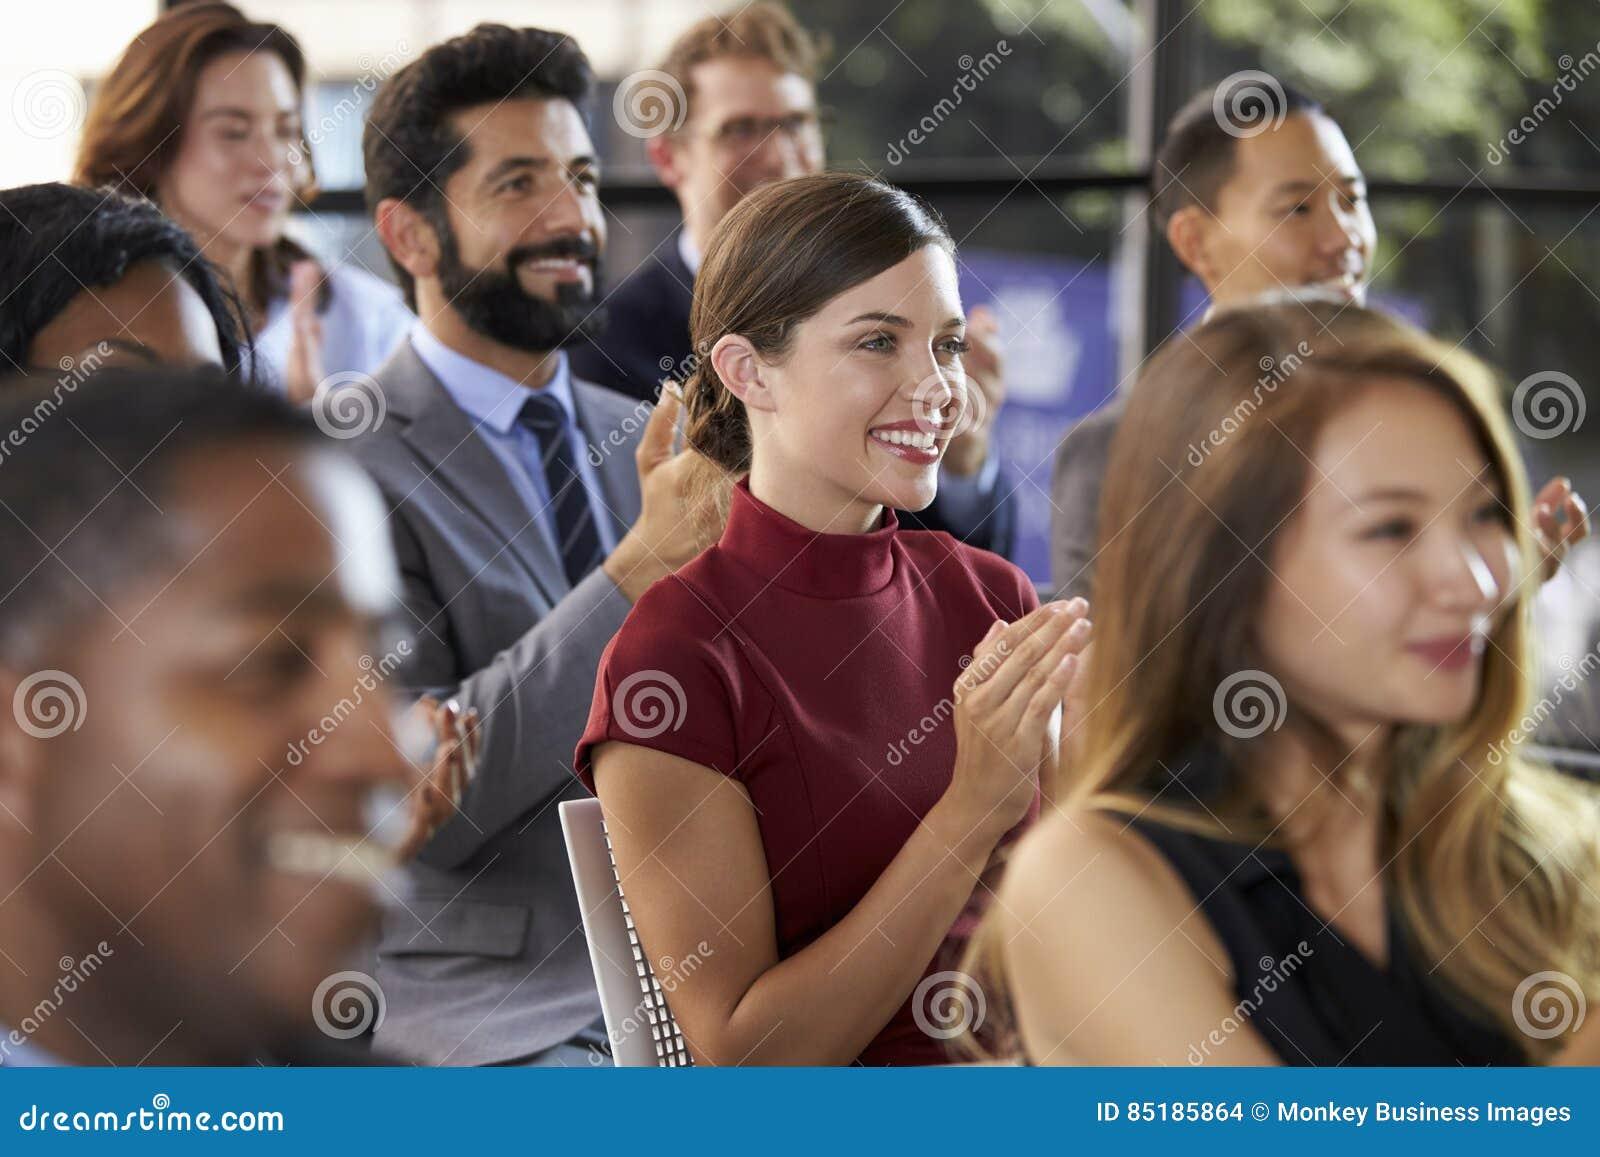 Publikum, das oben auf ein Geschäftsseminar, Abschluss applaudiert